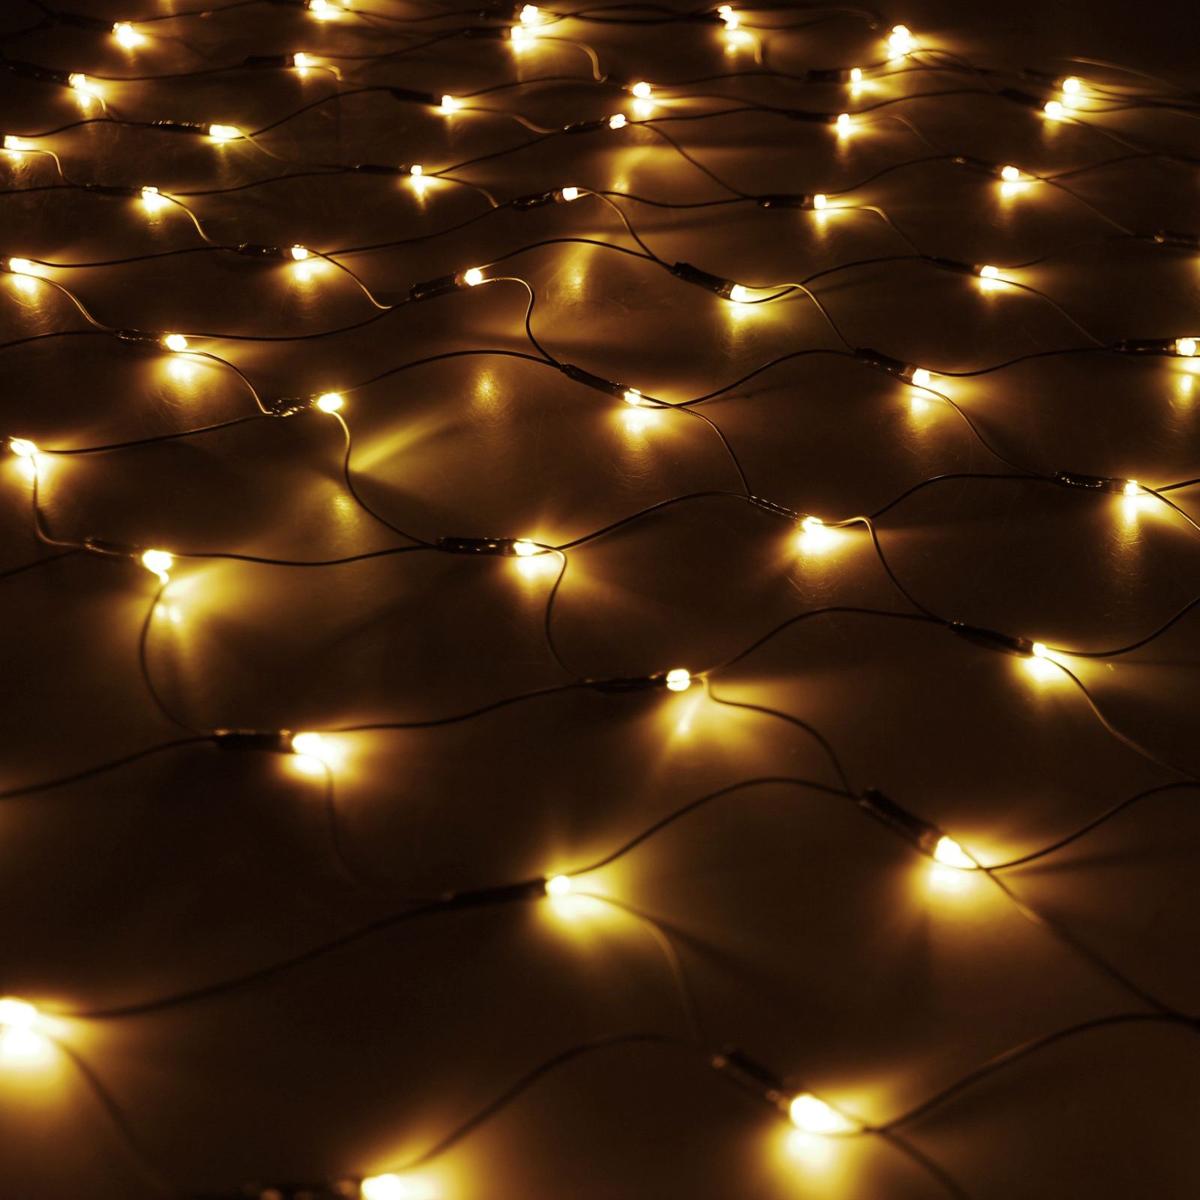 Гирлянда Luazon Сетка, длина 0,9 м, LED 120 ламп, 220V, цвет: желтый. 187213187213Светодиодные гирлянды, ленты и т.д — это отличный вариант для новогоднего оформления интерьера или фасада. С их помощью помещение любого размера можно превратить в праздничный зал, а внешние элементы зданий, украшенные ими, мгновенно станут напоминать очертания сказочного дворца. Такие украшения создают ауру предвкушения чуда. Деревья, фасады, витрины, окна и арки будто специально созданы, чтобы вы украсили их светящимися нитями.